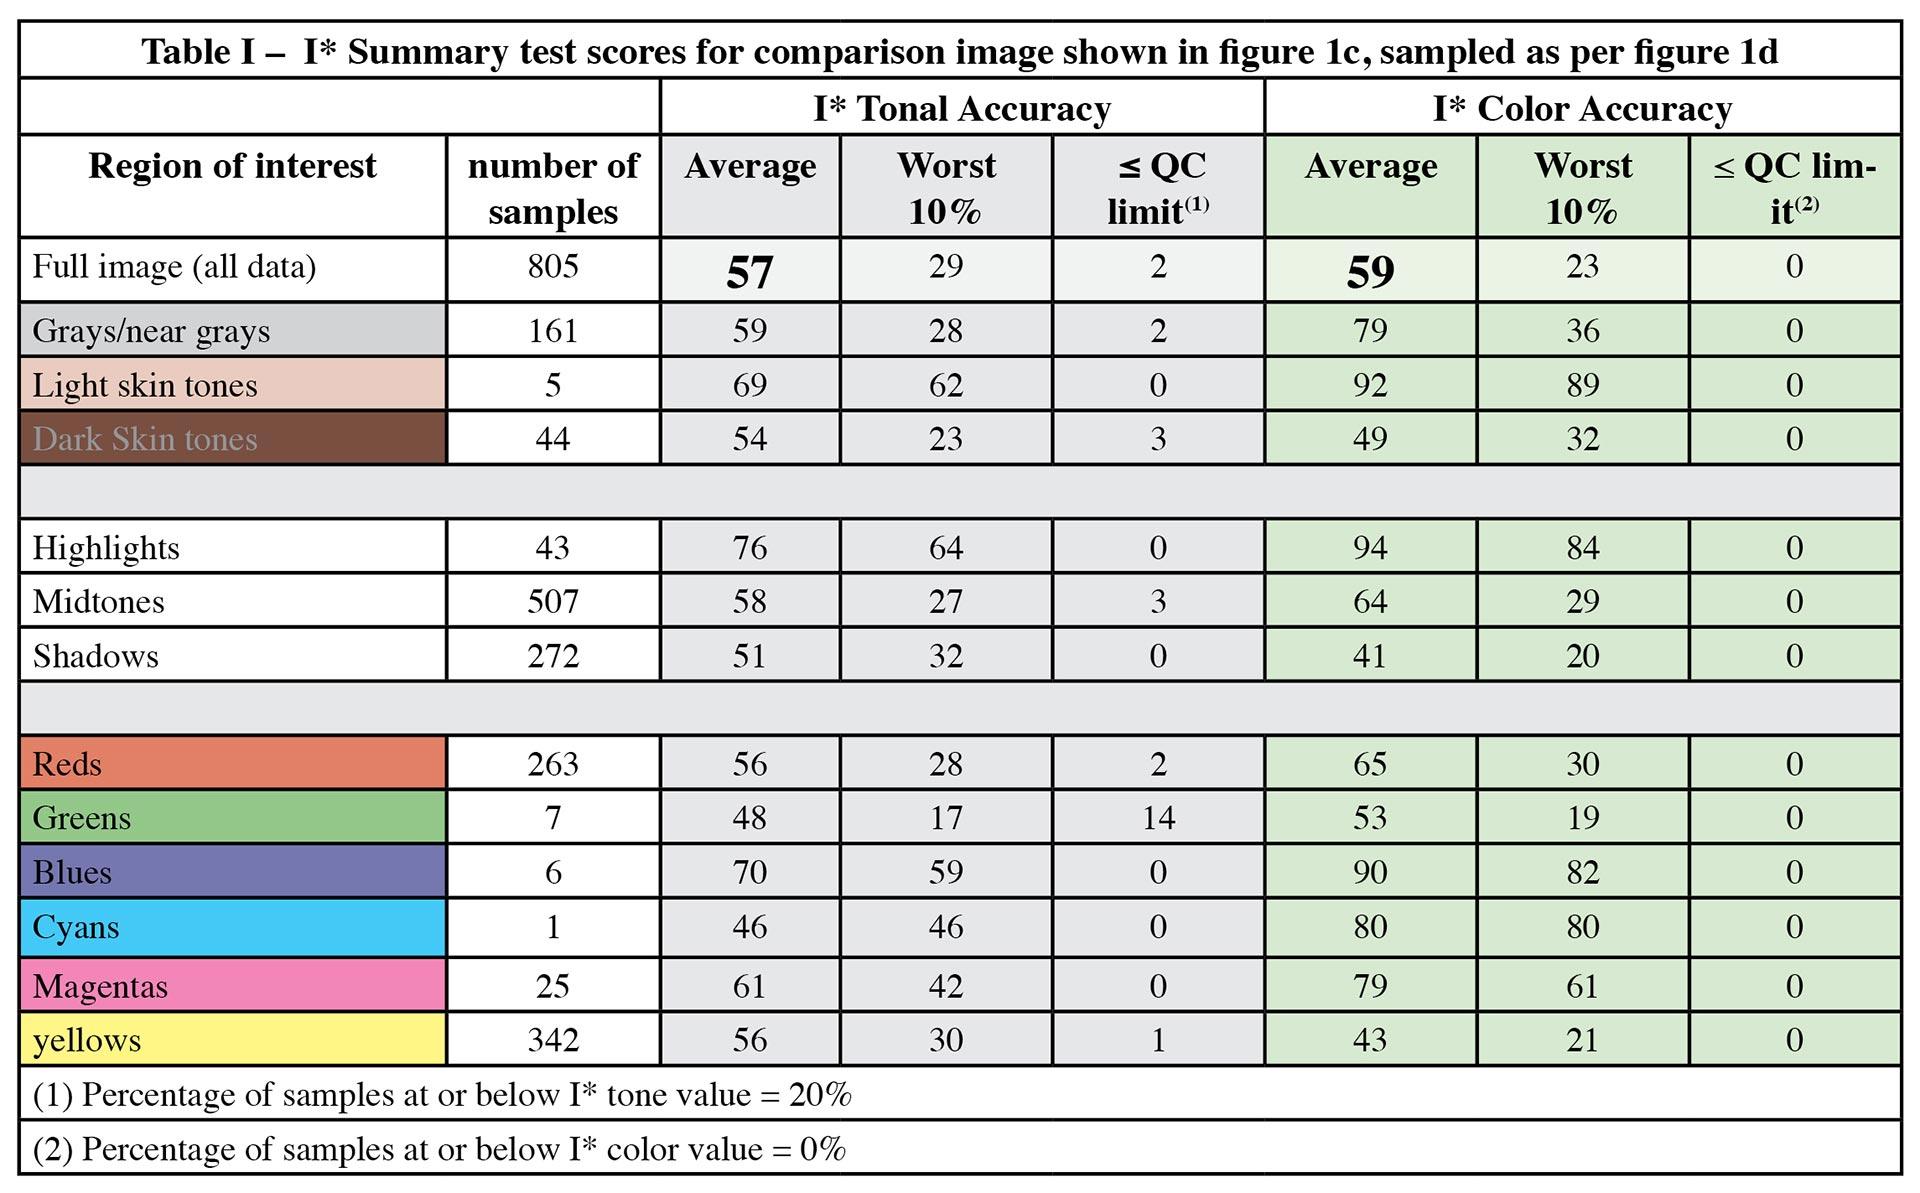 Table-I-istar-summary